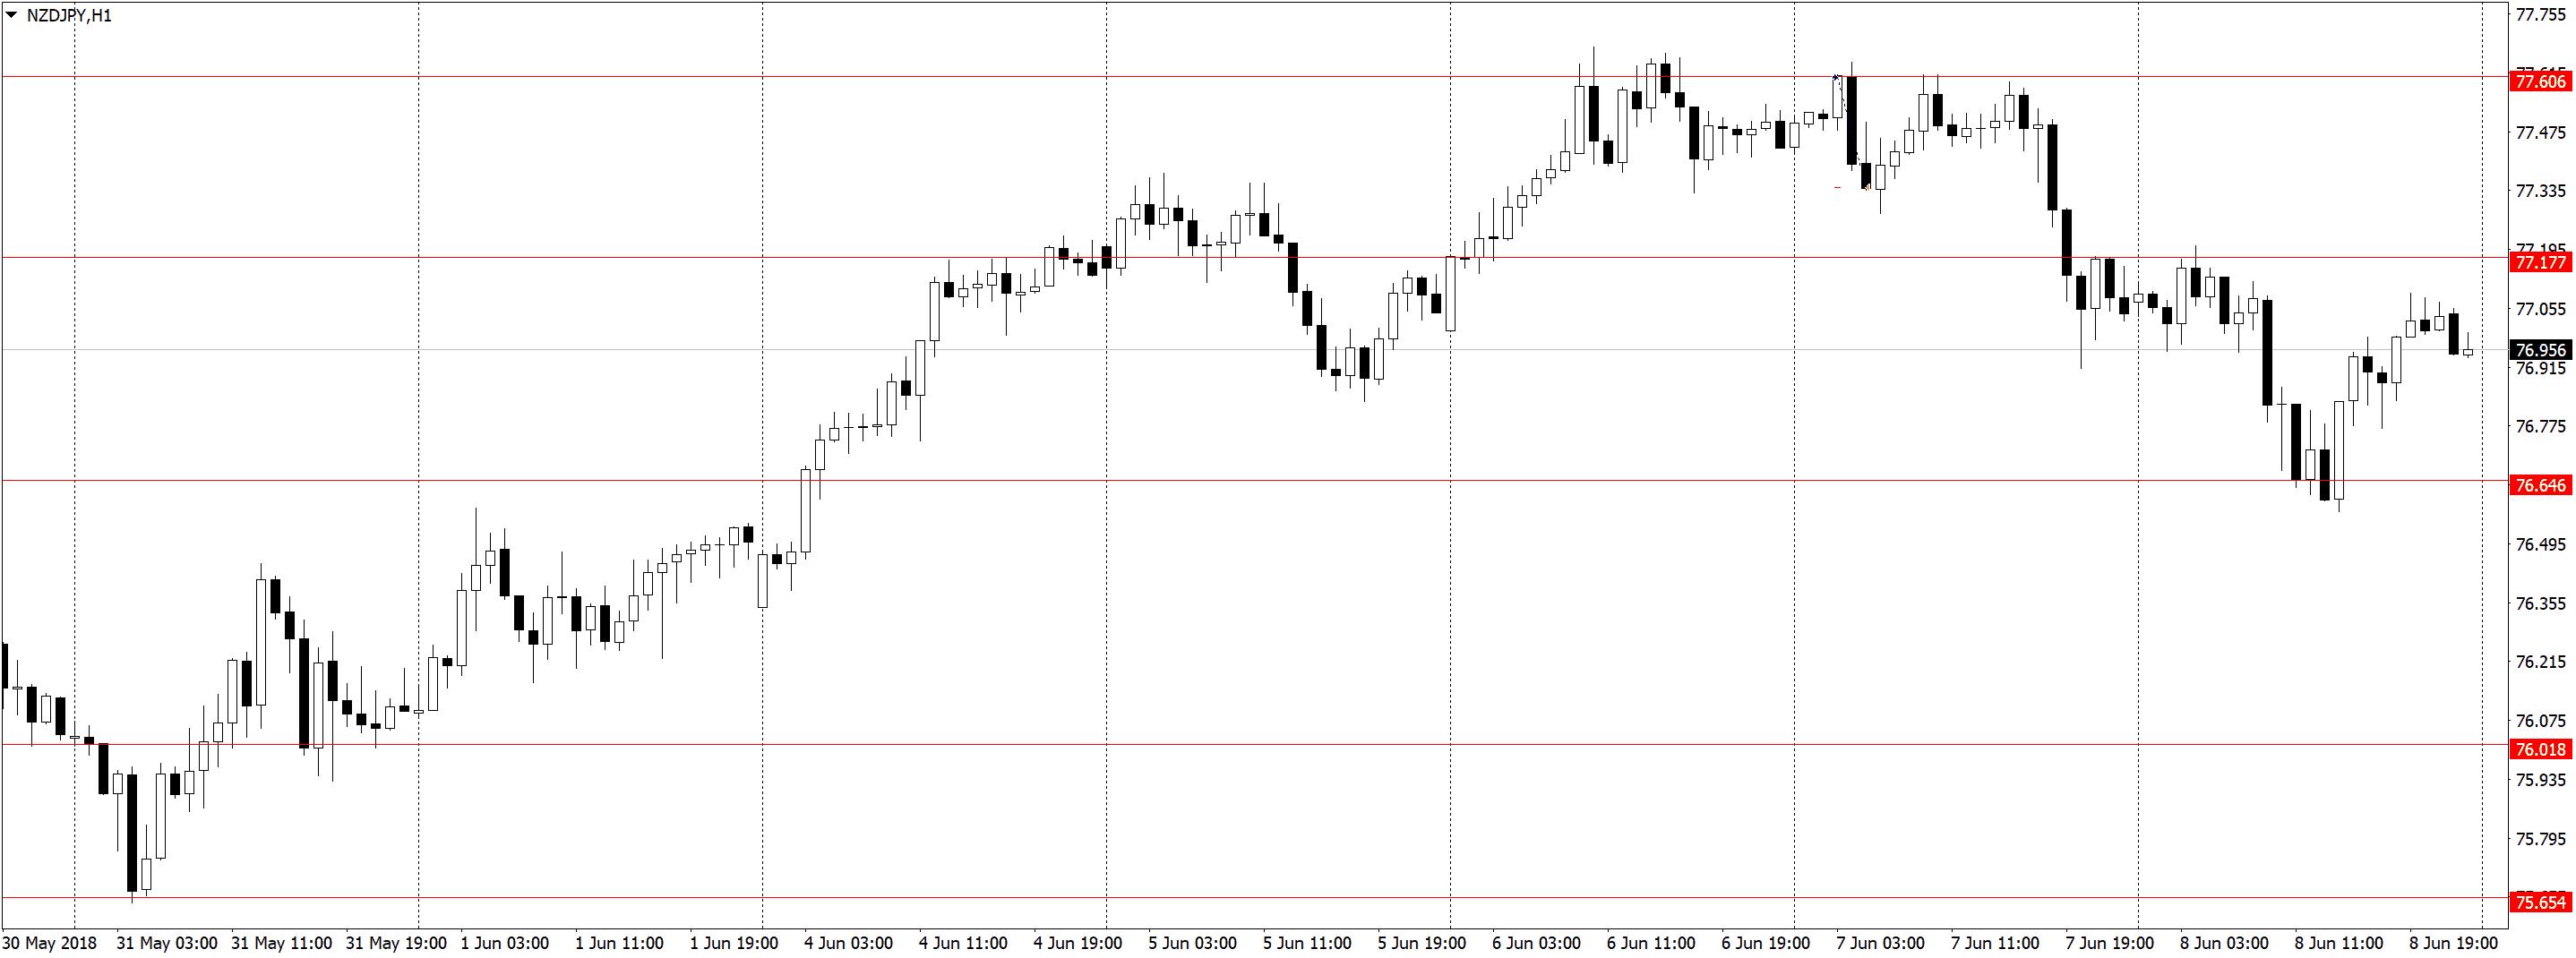 NZDJPYH1 2 Торговля по H1, трейдинг в удовольствие, три состояния рынка